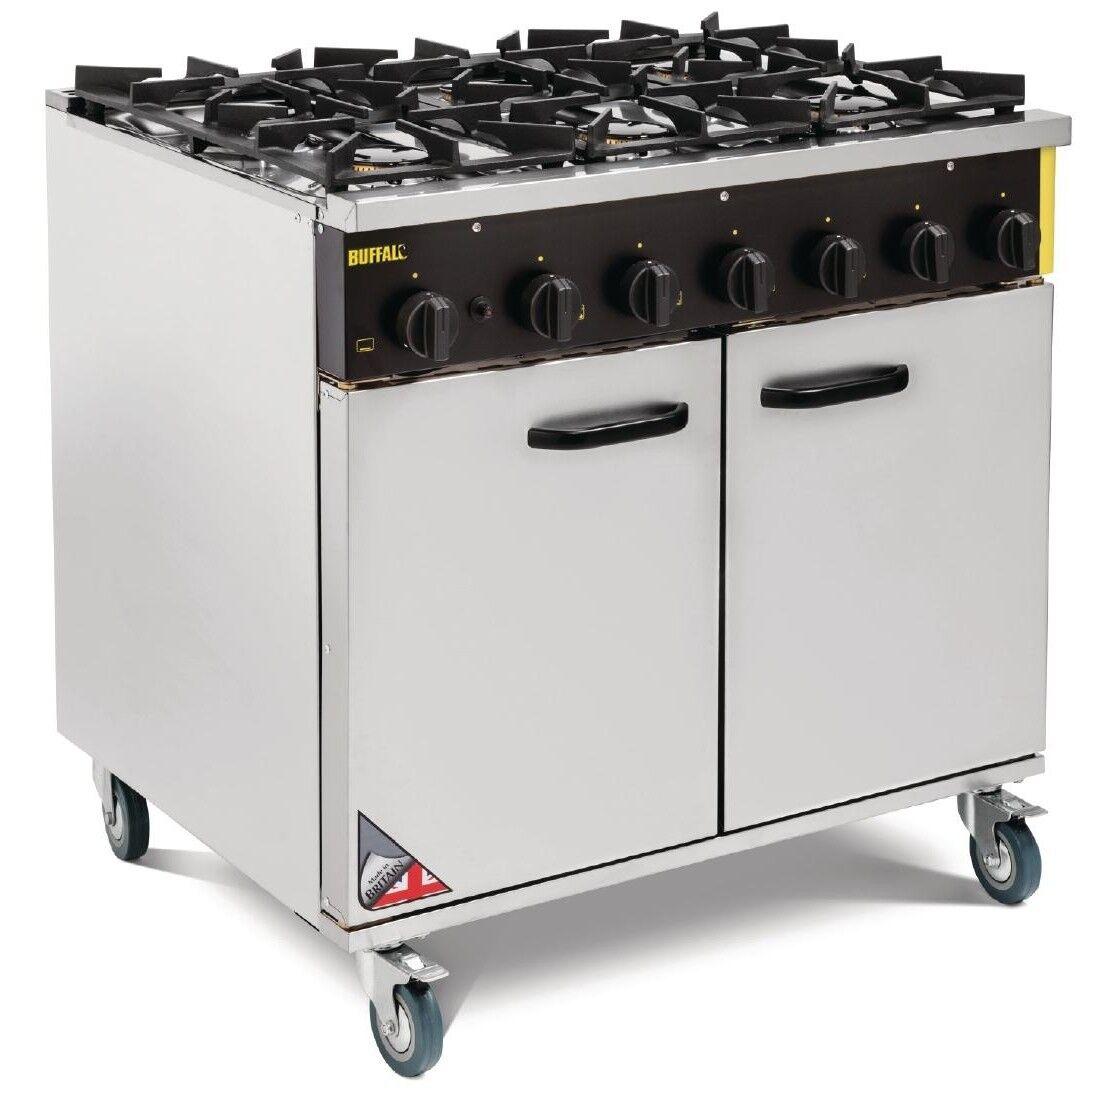 Buffalo Commercial 6 Burner Propane Gas Oven Range Cooker Ce371   eBay